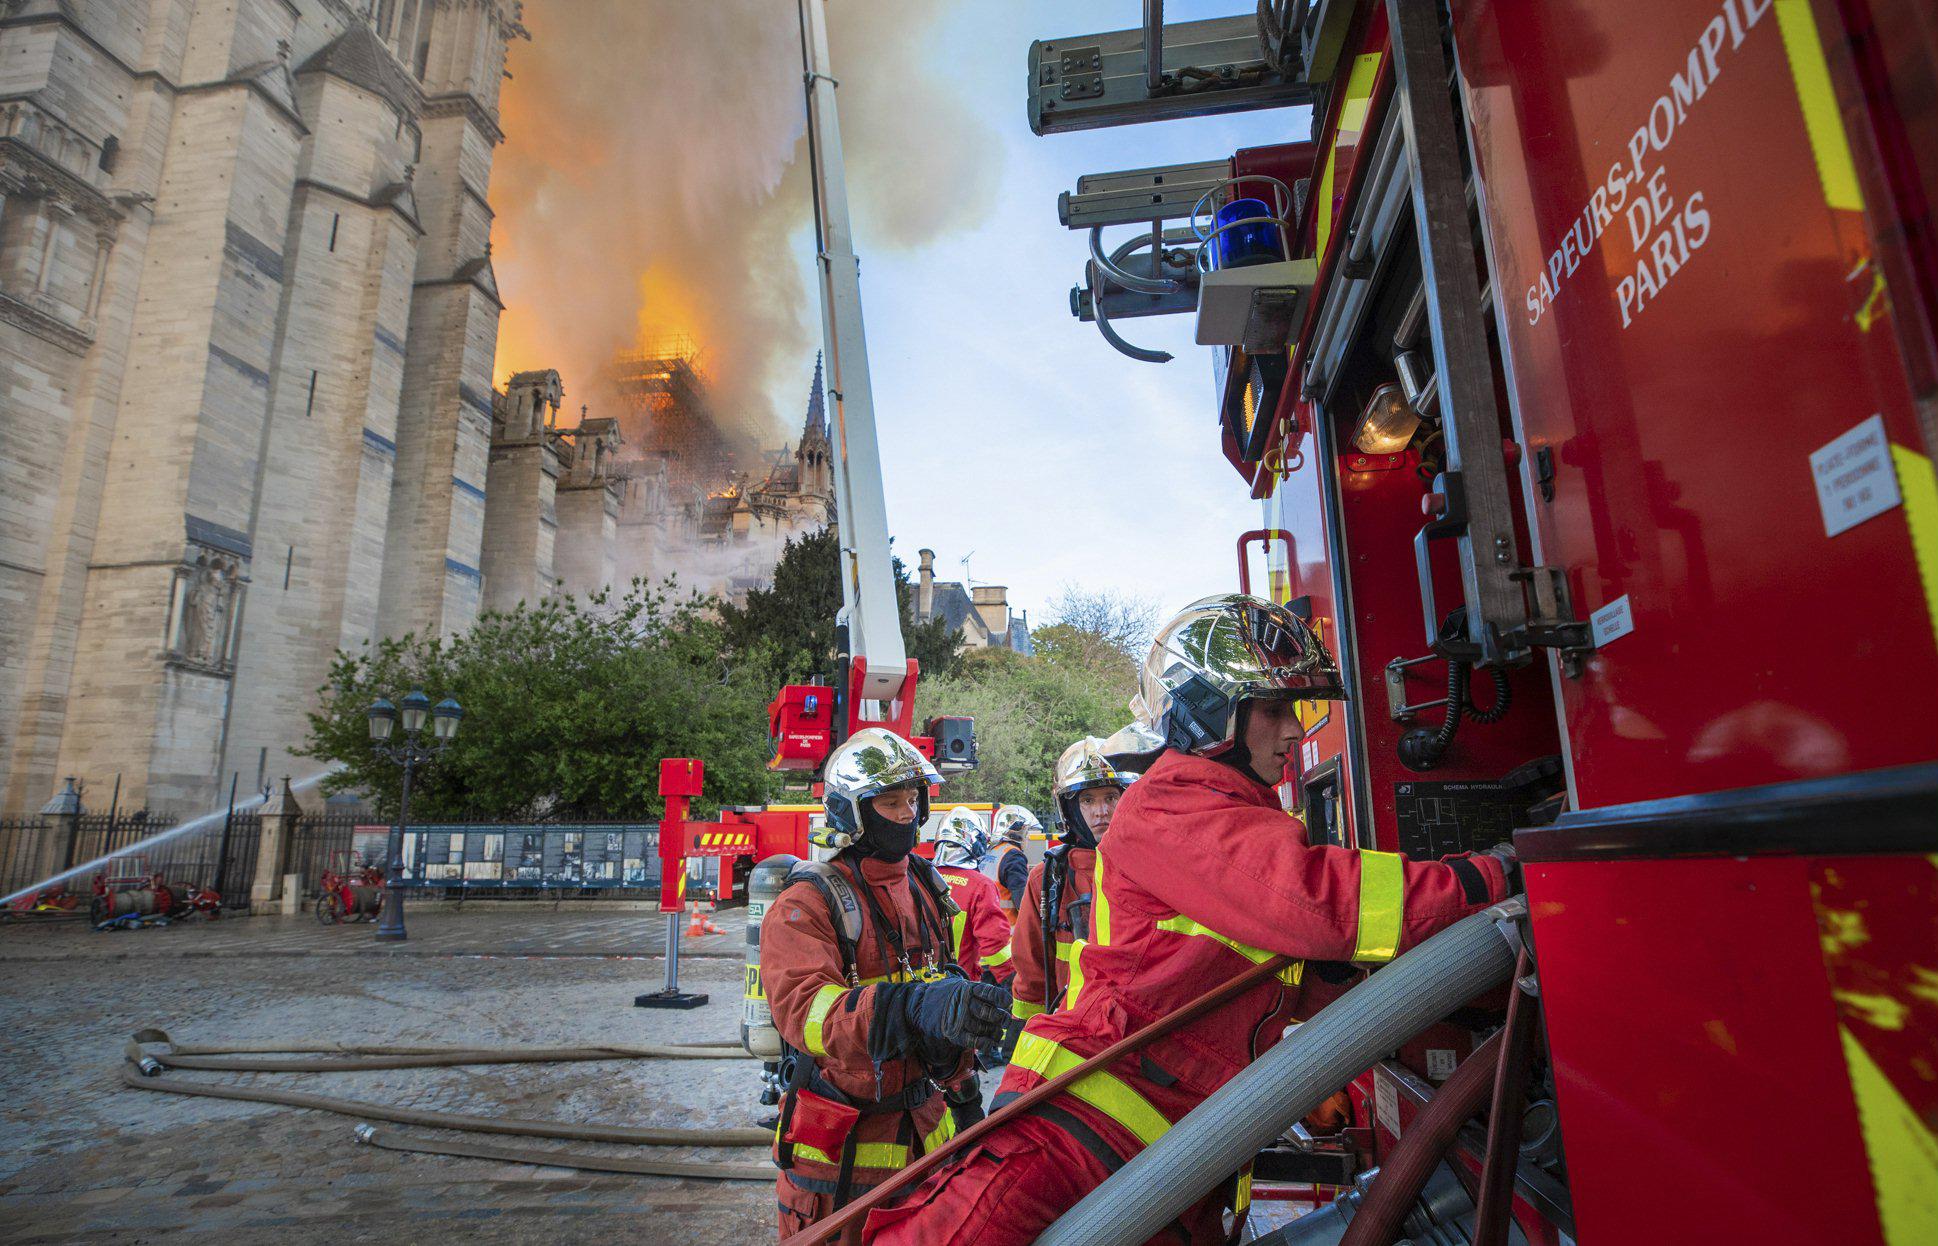 Pariisilaiset palomiehet joutuivat tosipaikan eteen, kun historiallisessa arvokkaassa Notre Damen katedraalissa syttyi massiivinen tulipalo.